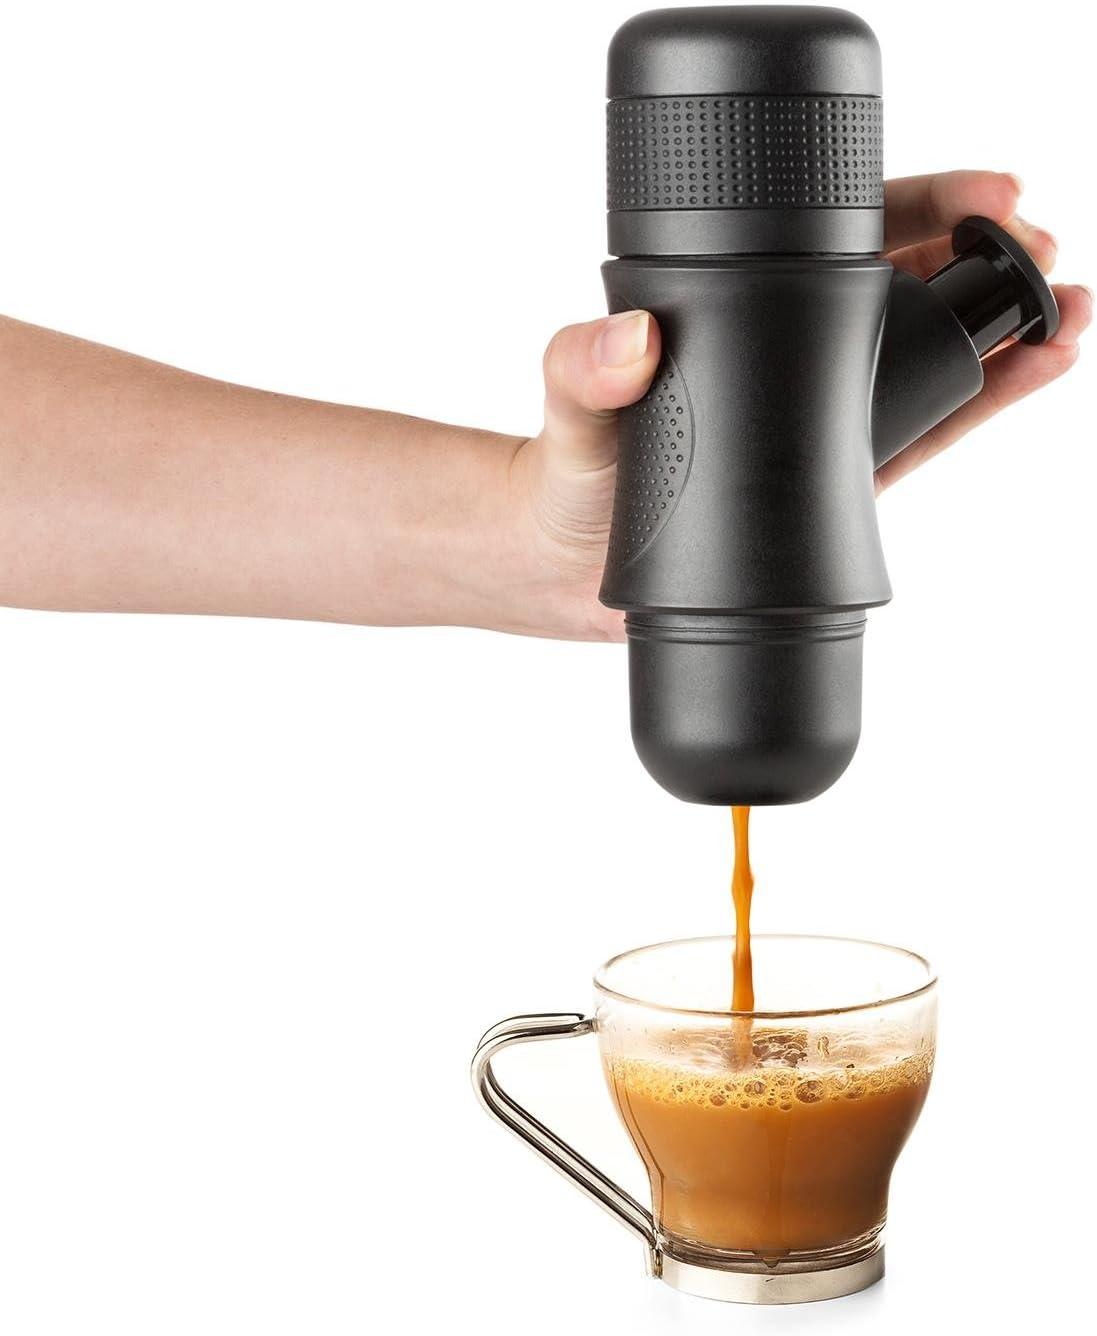 KLARSTEIN myPresso Minicafetera Espresso portátil (no Requiere ...